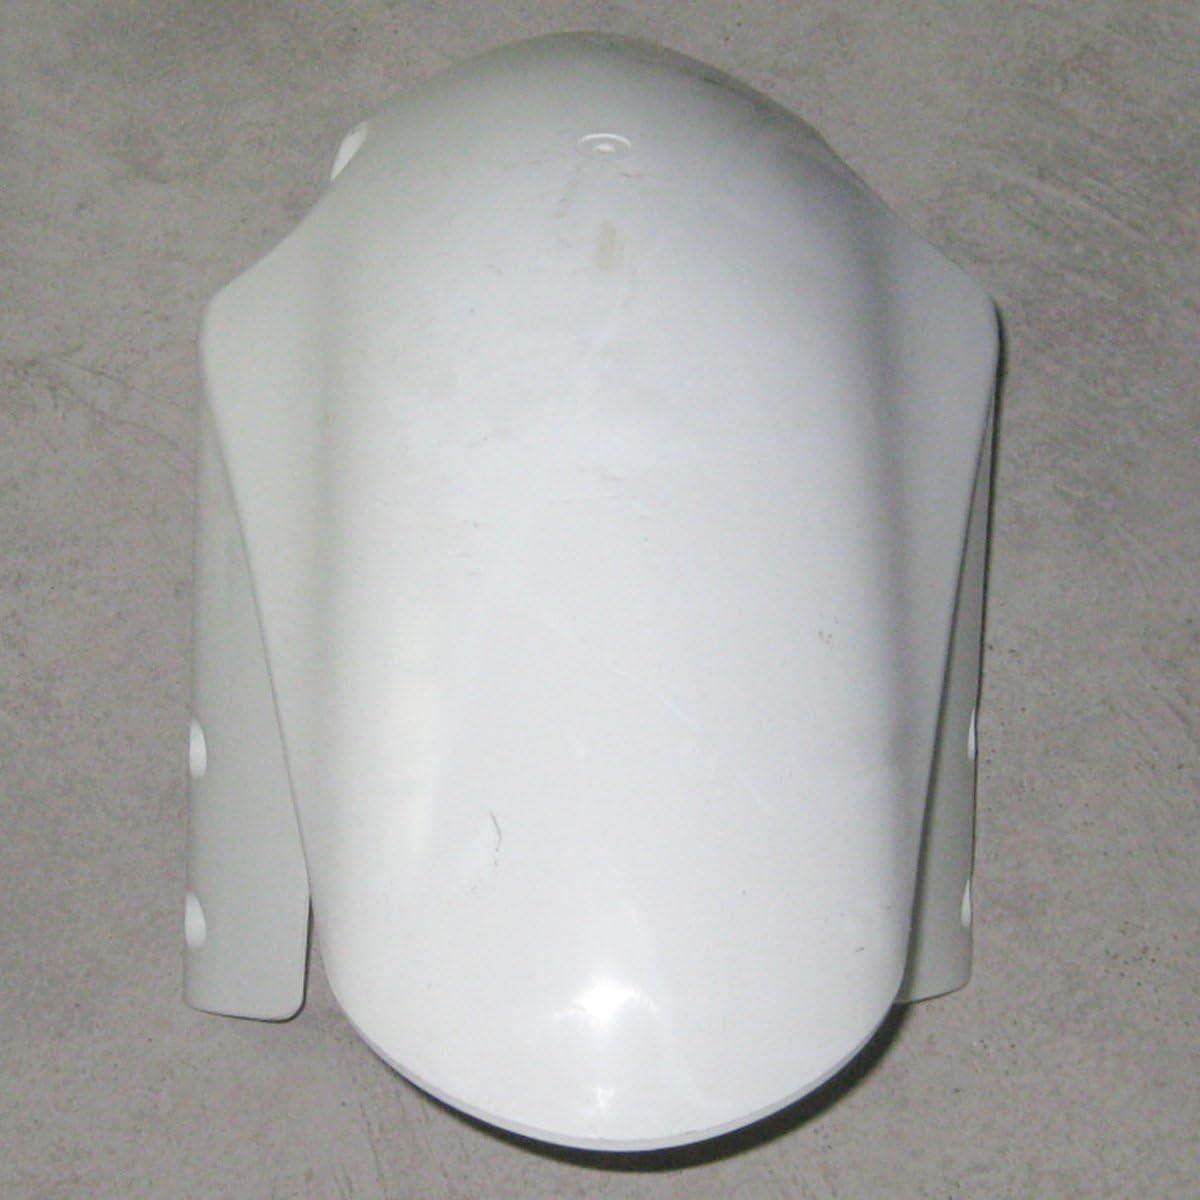 SUZUKI GSXR 600 GSXR 750 2001 2002 2003 ZXMOTO Unpainted bodywork front fender fairing kit for SUZUKI GSXR 1000 2000 2001 2002